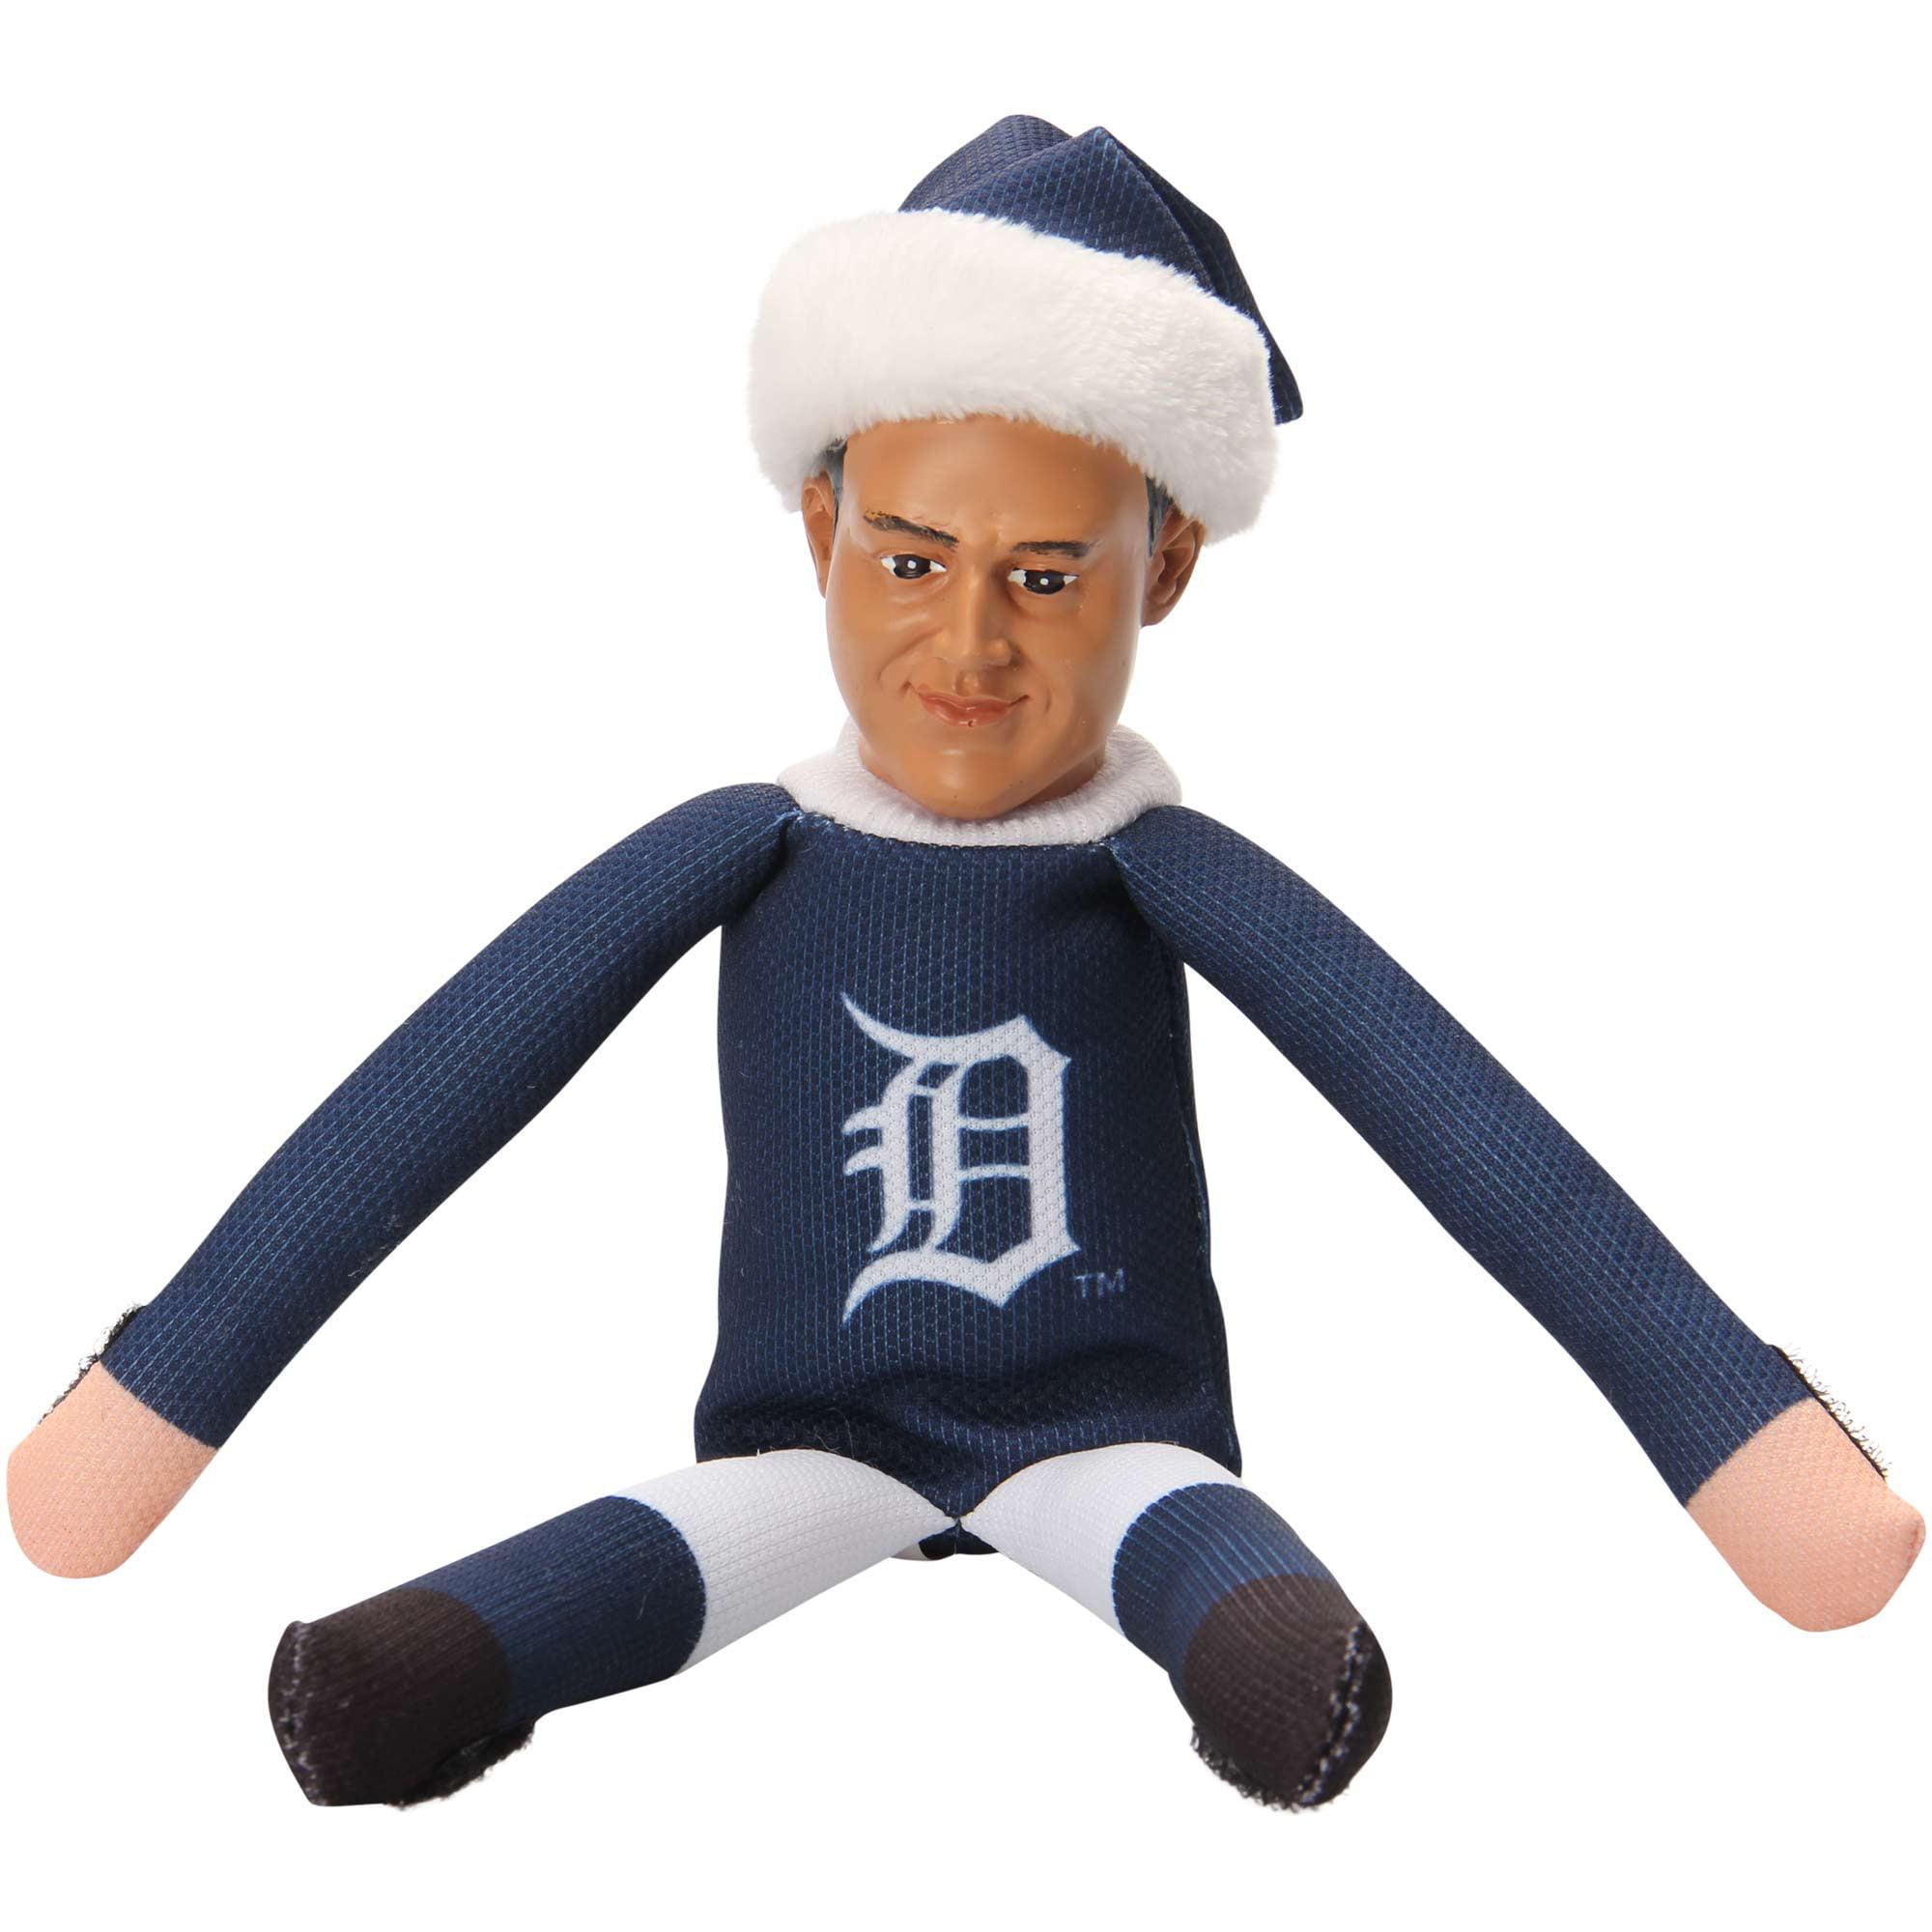 Miguel Cabrera Detroit Tigers Player Elf - No Size